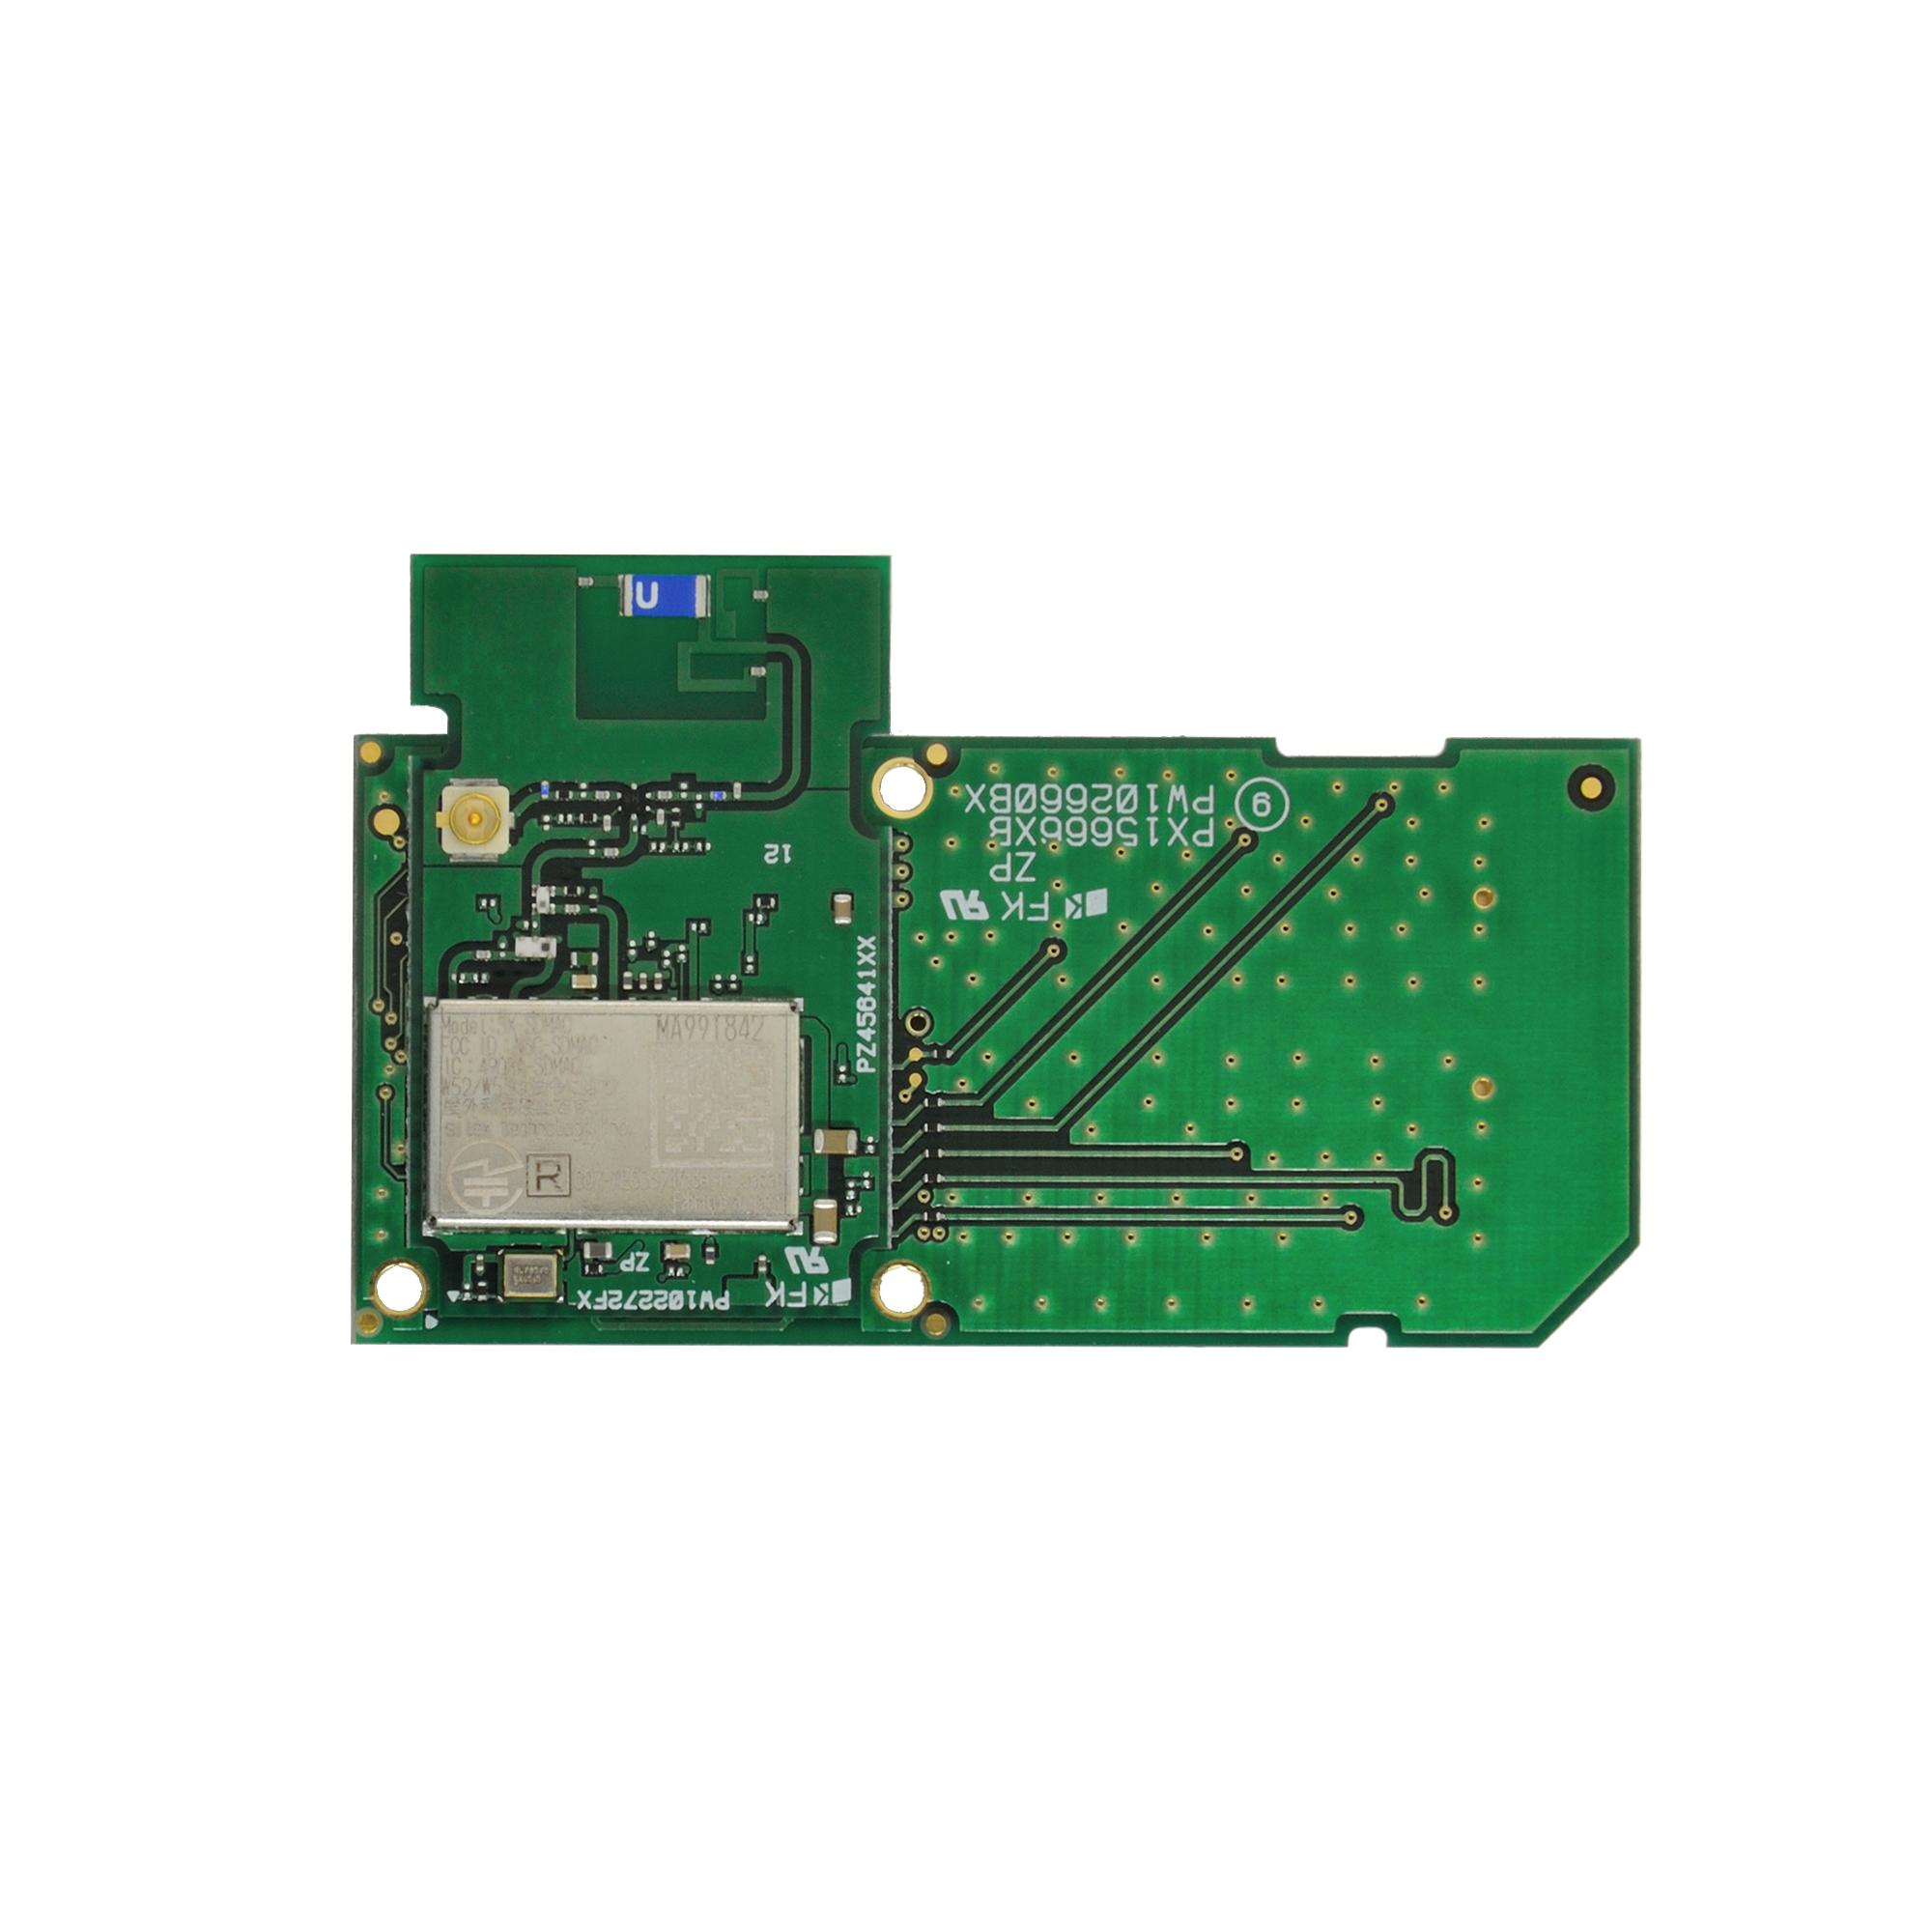 QCA9377-3 - Qualcomm Developer Network